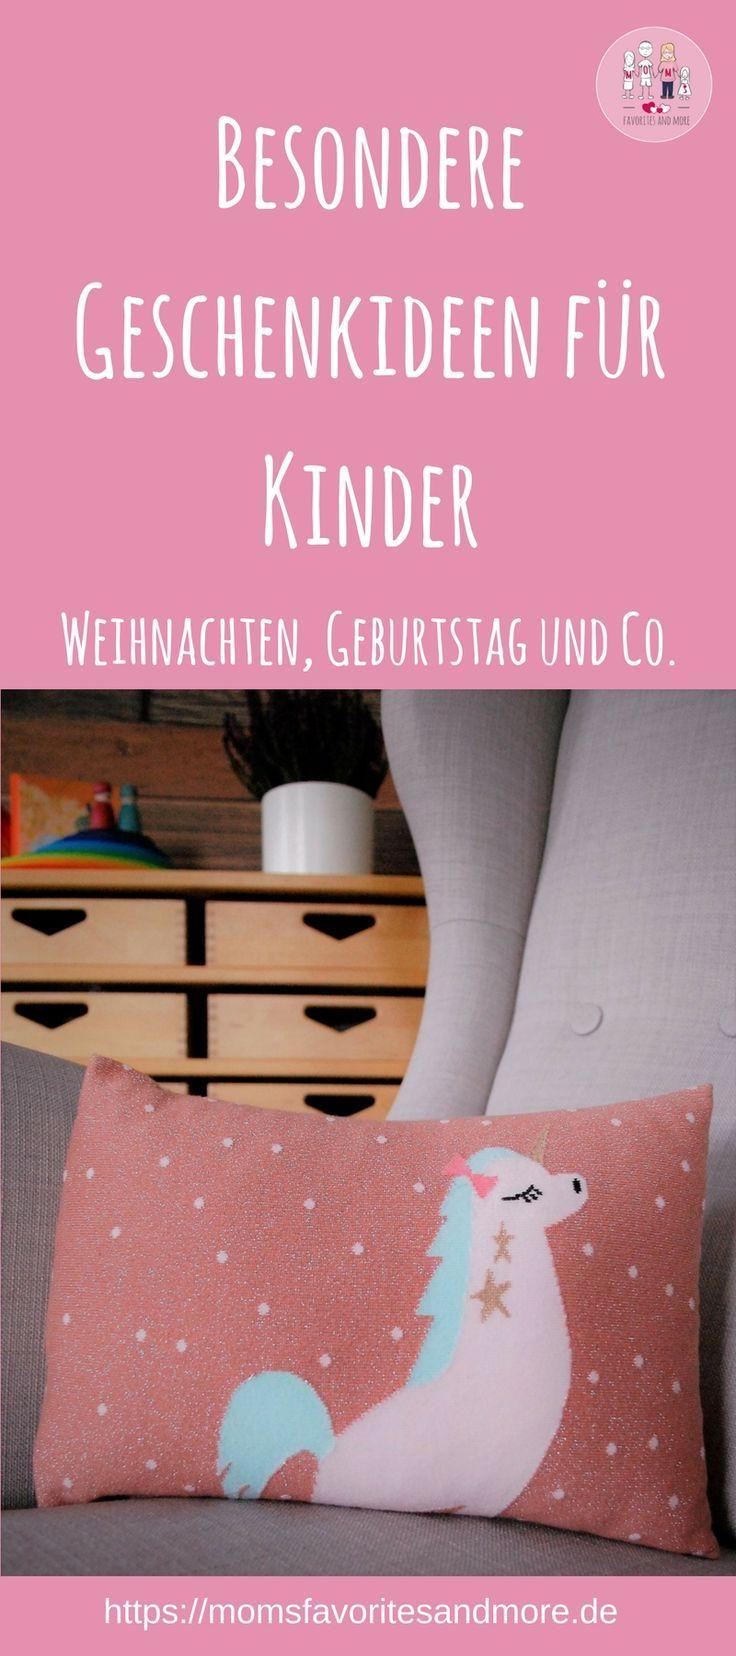 Besondere Geschenke für Kinder - Milch und Honig ein Shop mit Herz ...